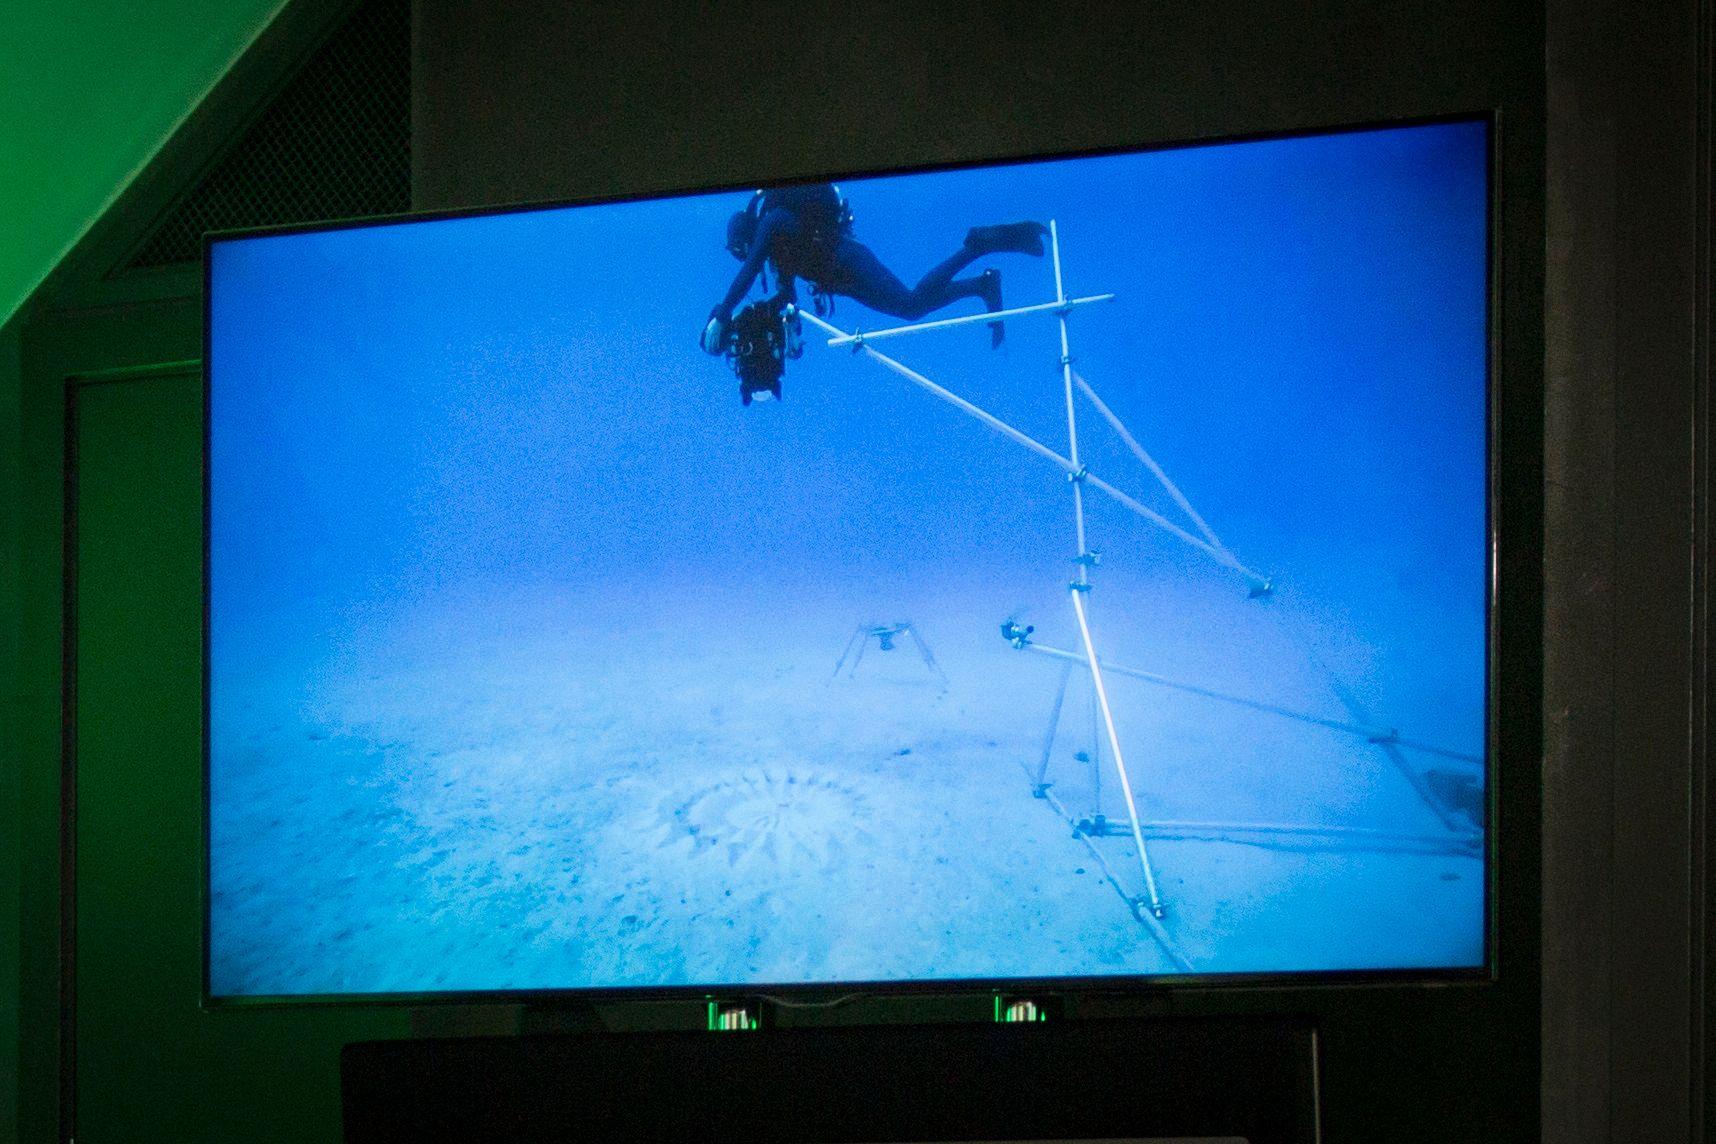 Barrington og Willis viste flere klipp fra serien, blant annet dette hvor et av innspillingsteamene har laget en spesialrigg for å filme under vann. Foto: Kristoffer Møllevik